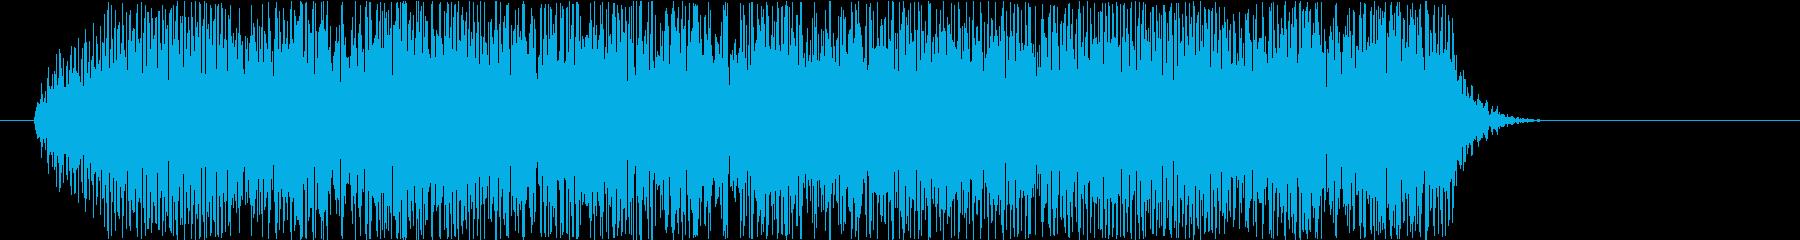 ビギュゥ~ン(電撃魔法音)の再生済みの波形